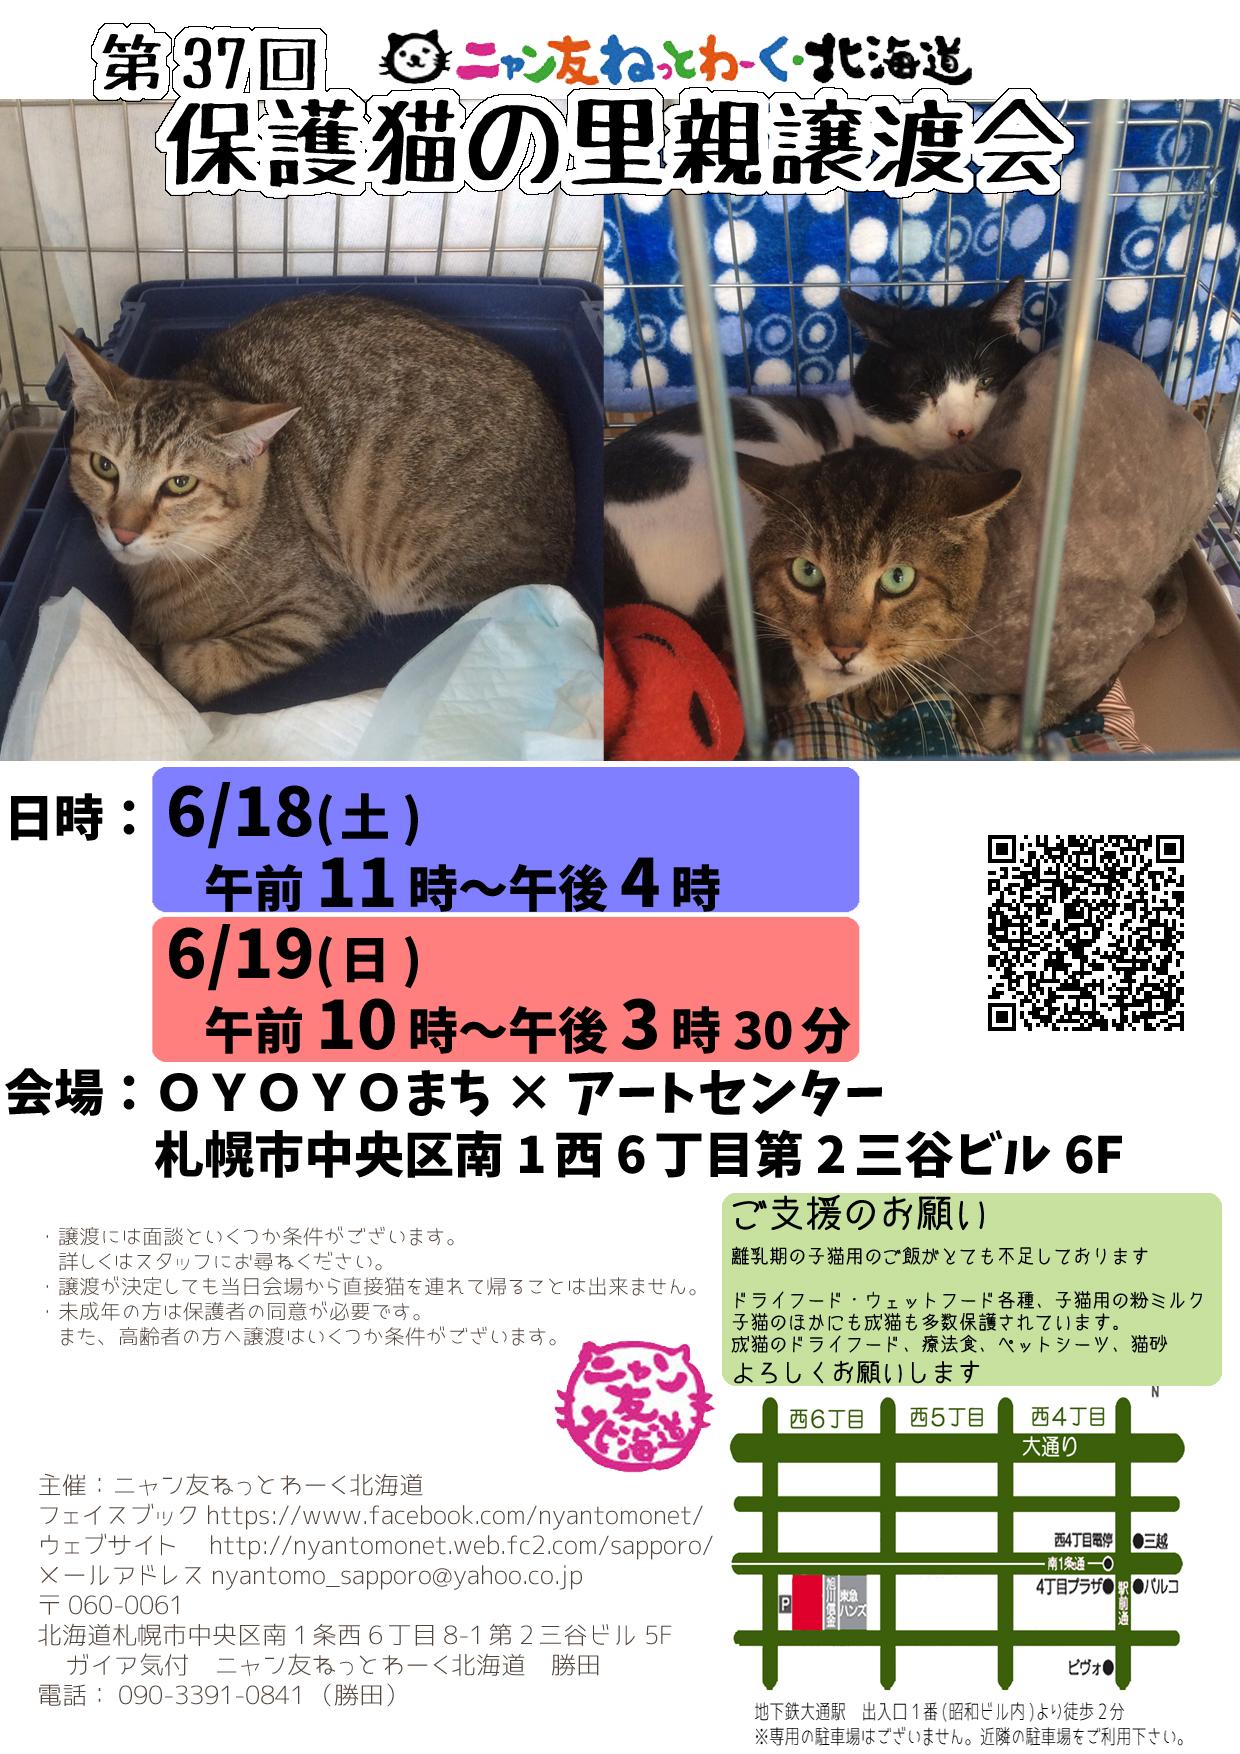 20160618.jpg